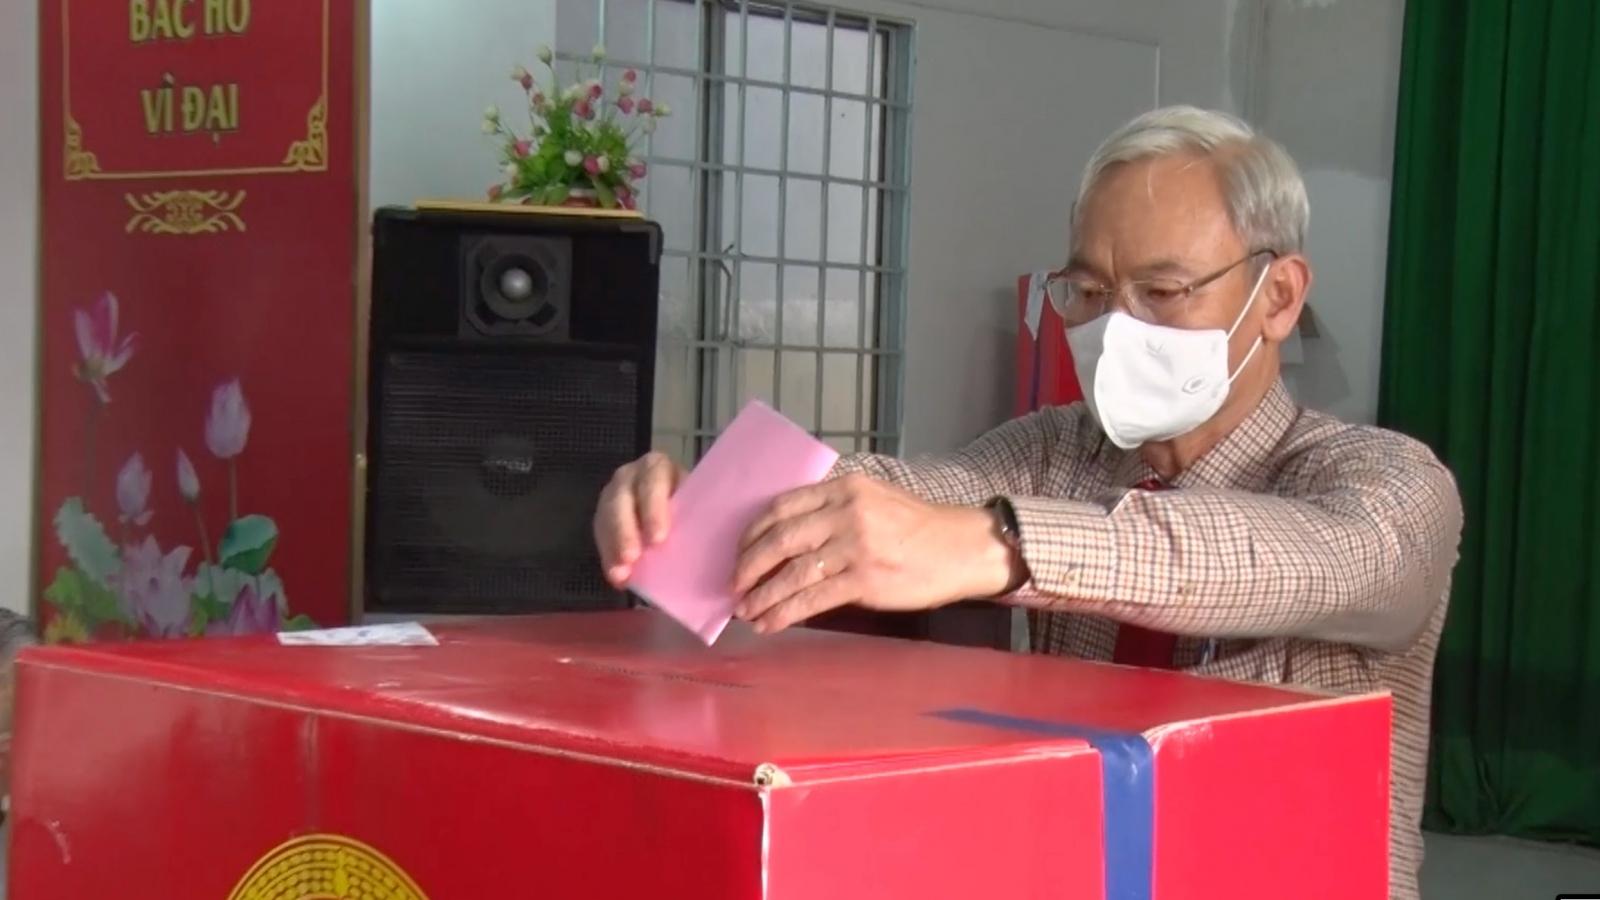 Đồng Nai công bố 81 đại biểu trúng cử HĐND tỉnh nhiệm kỳ 2021 - 2026